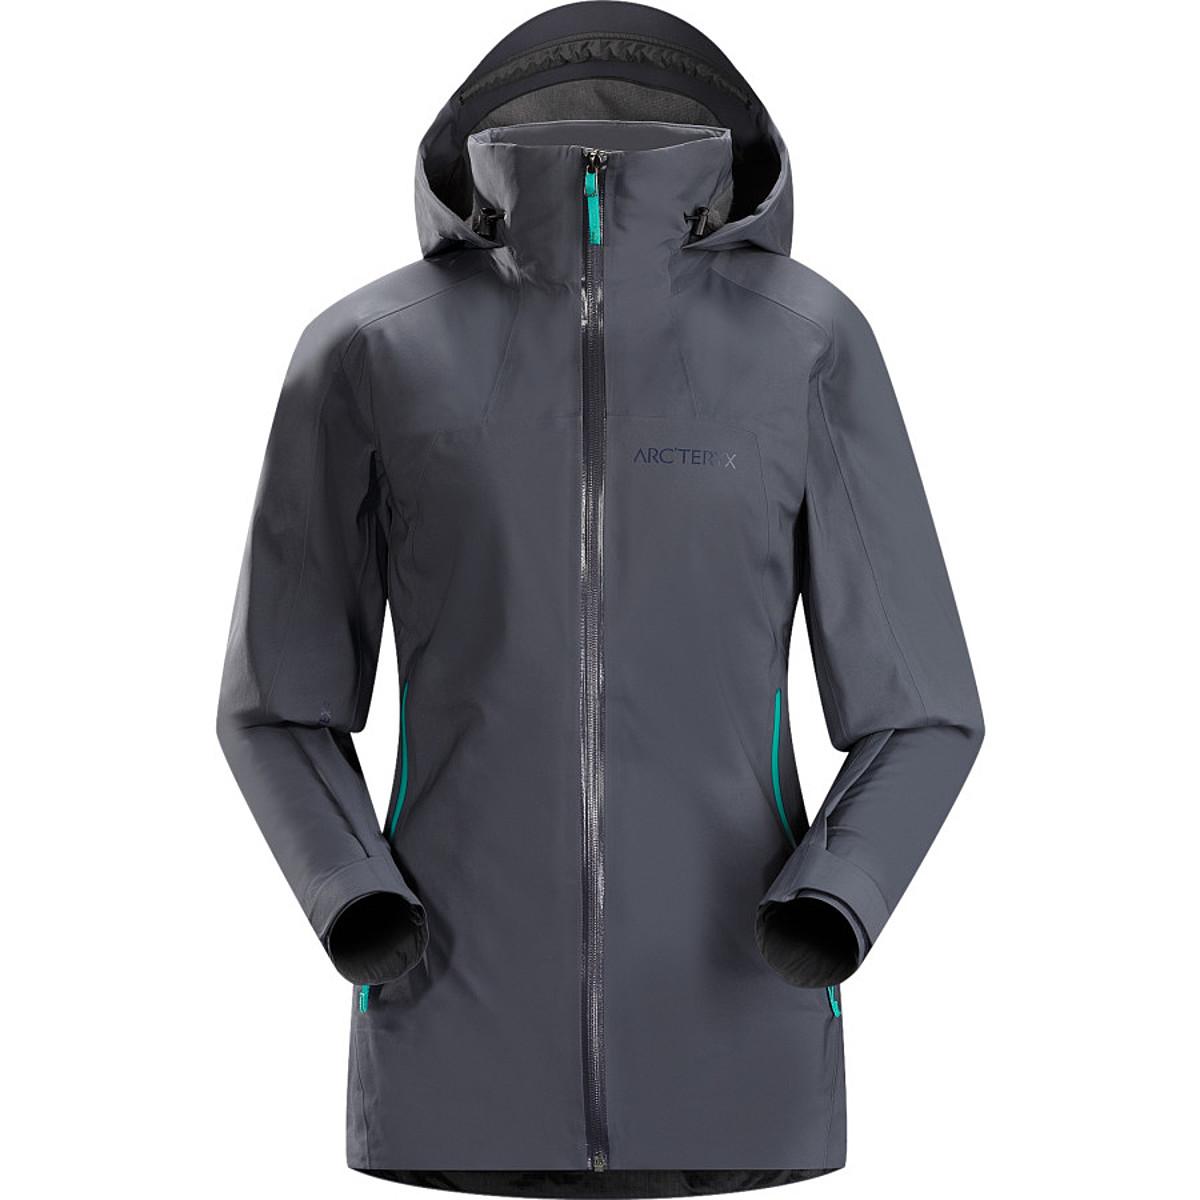 Arc'teryx Ravenna Jacket